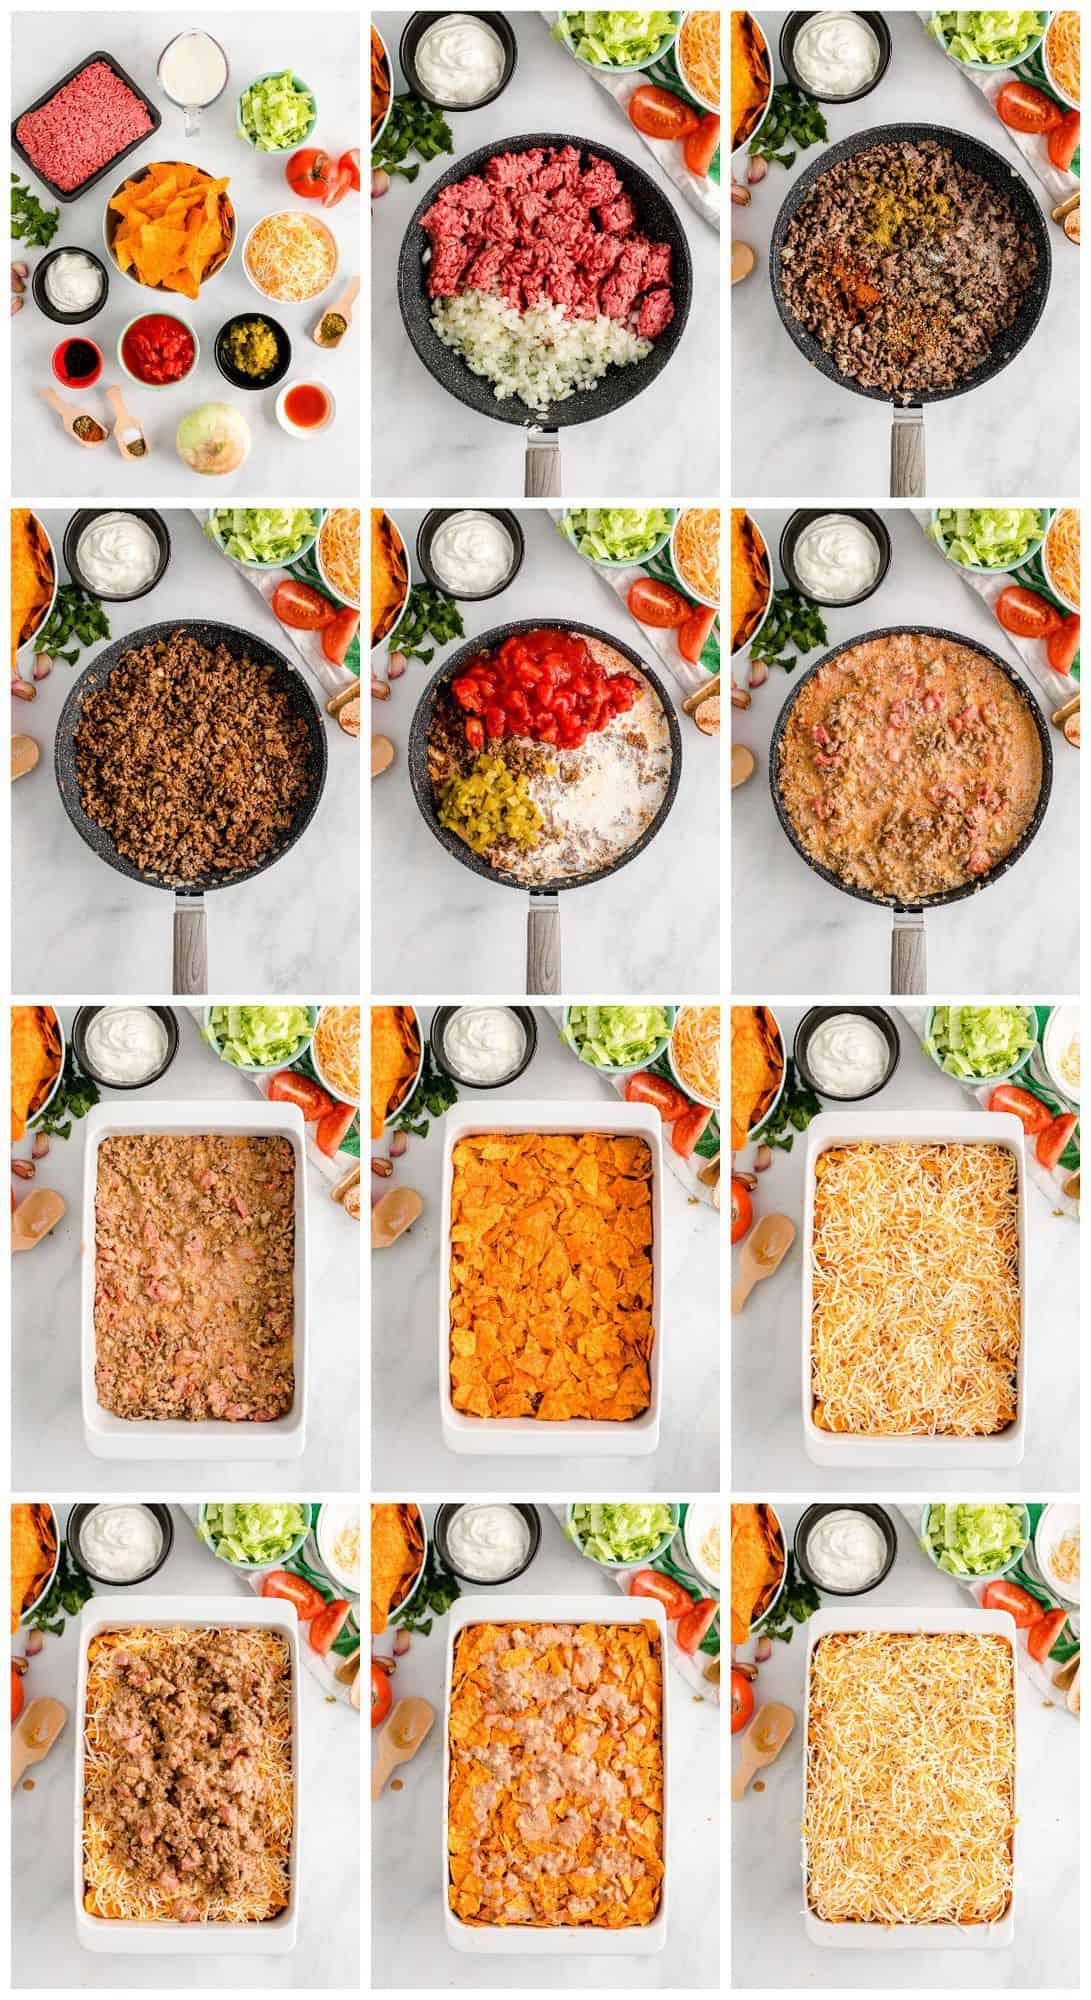 step by step photos for how to make doritos casserole